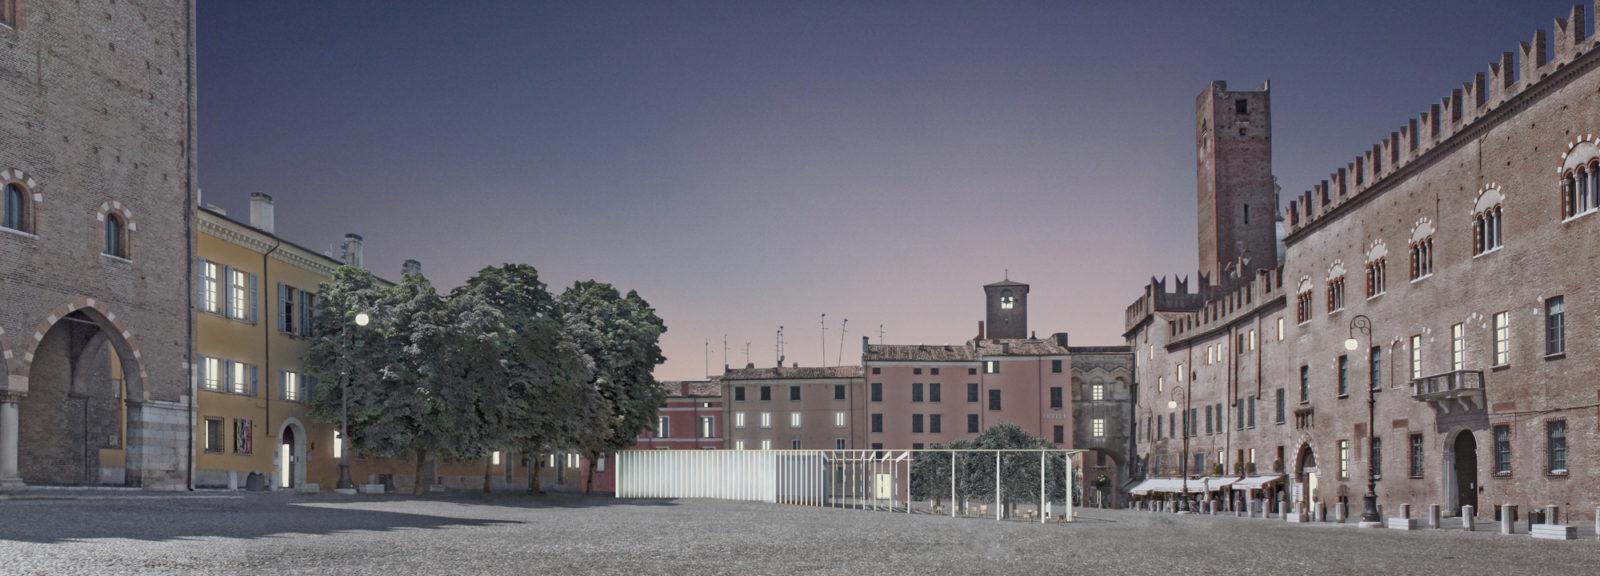 058_piazza sordello